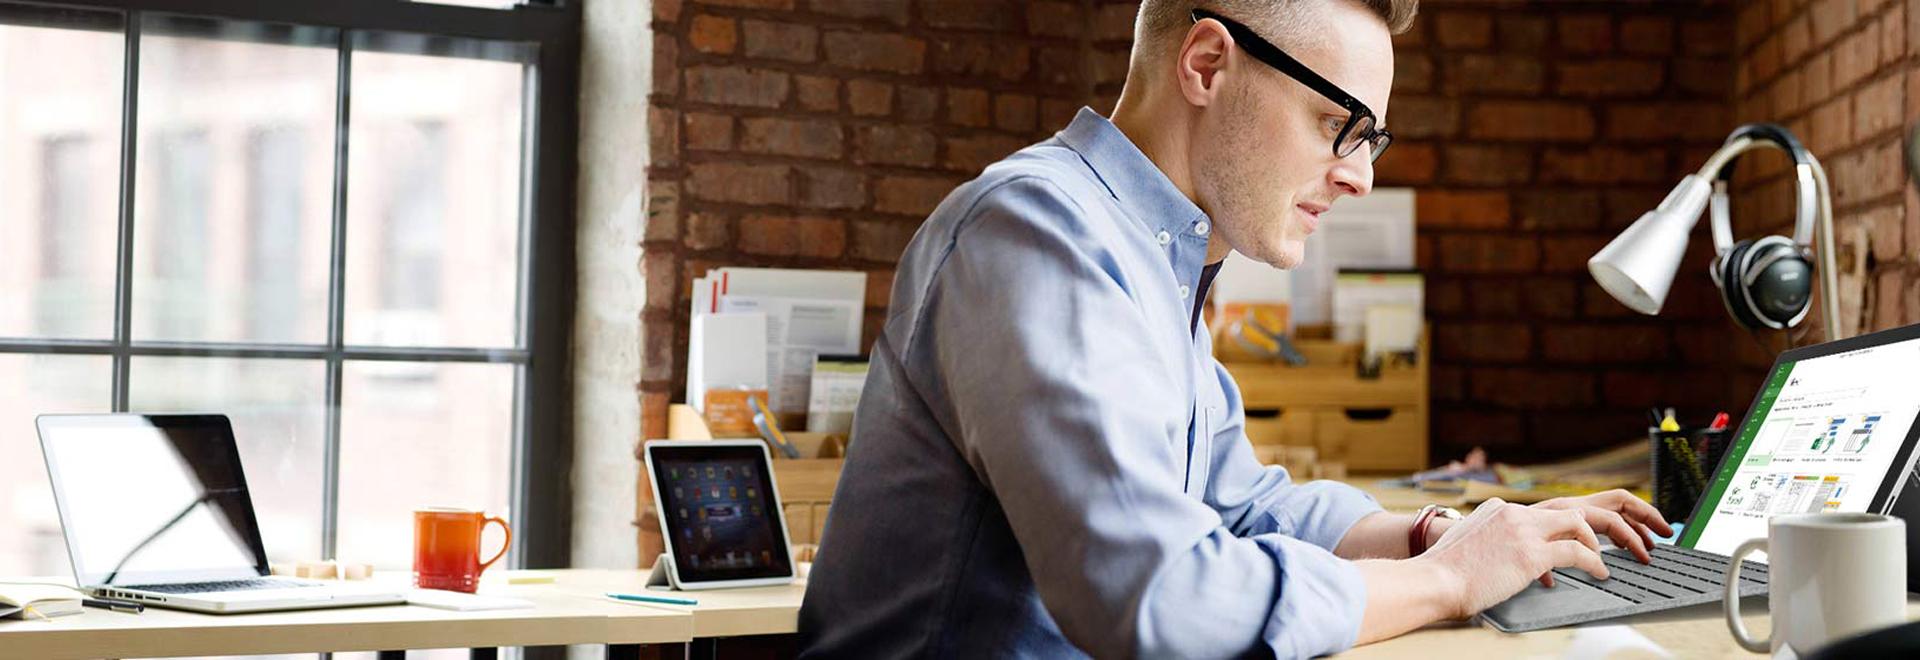 Un hombre sentado en un escritorio que trabaja en una tableta Surface con Microsoft Project.